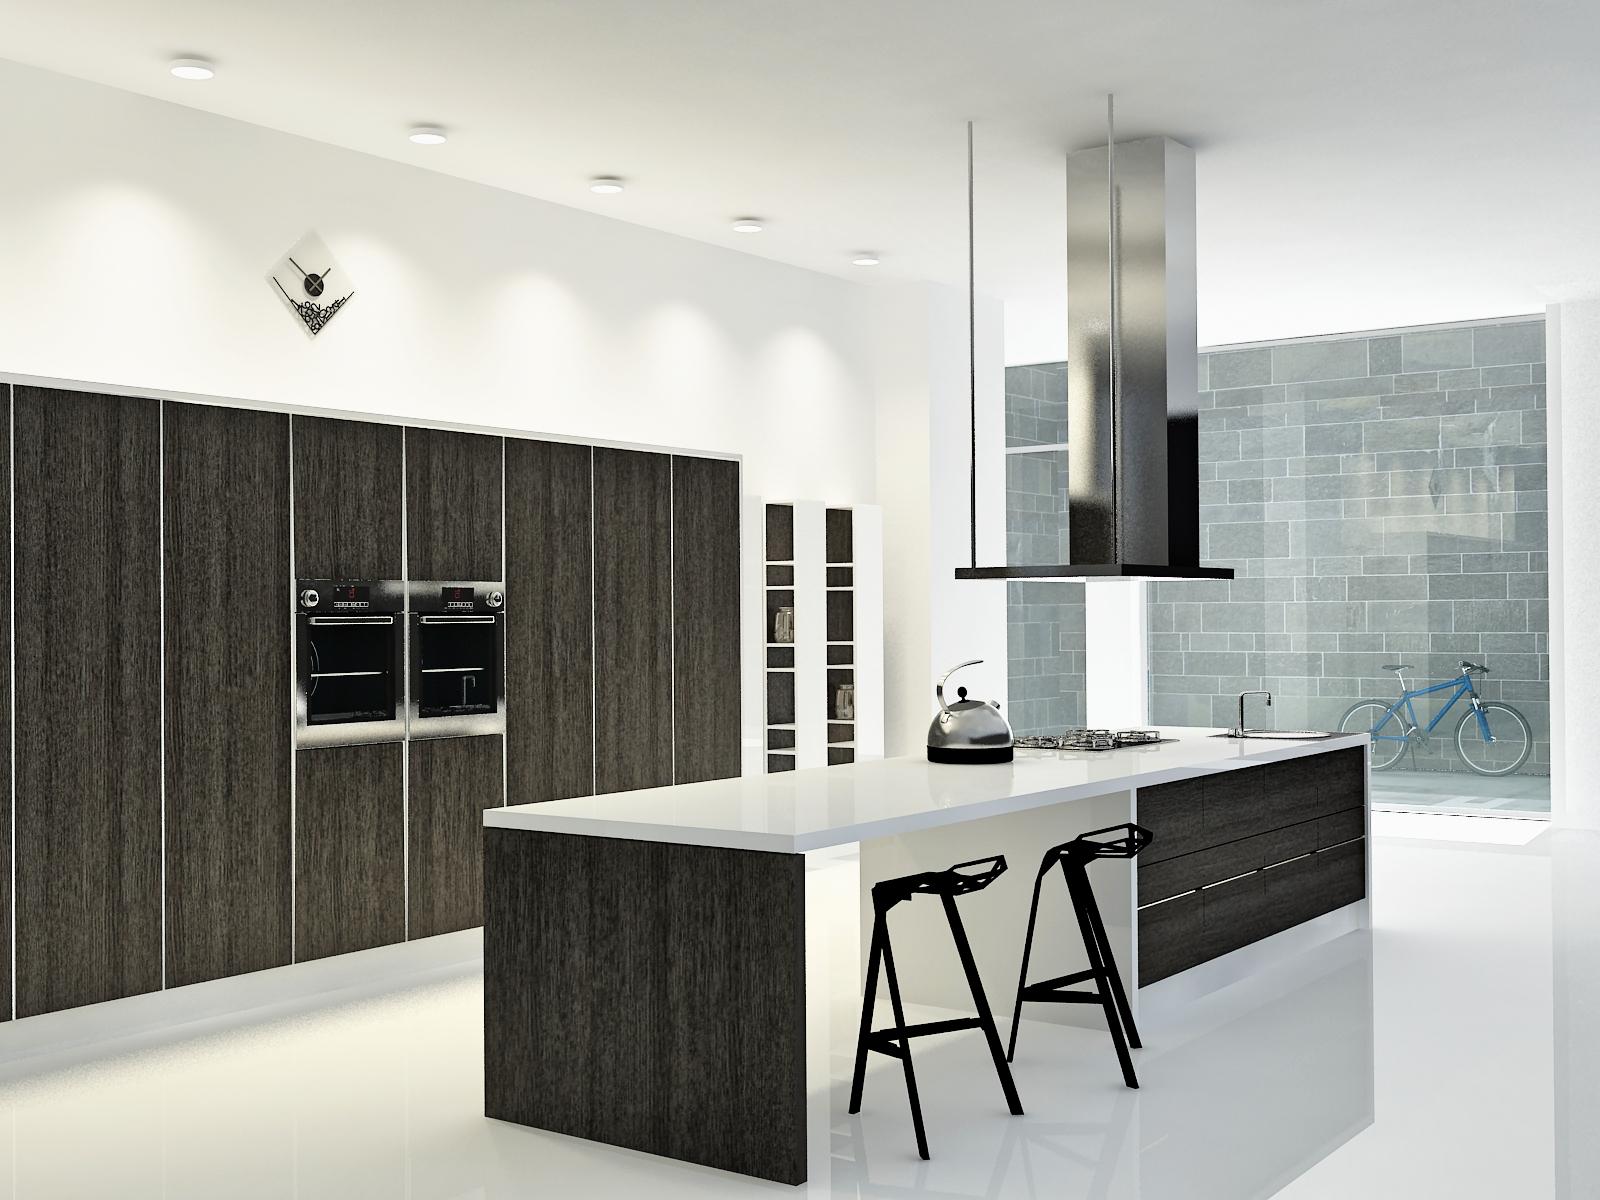 Cocina loft centro de madrid dise o de interiores - Diseno interiores cocinas ...